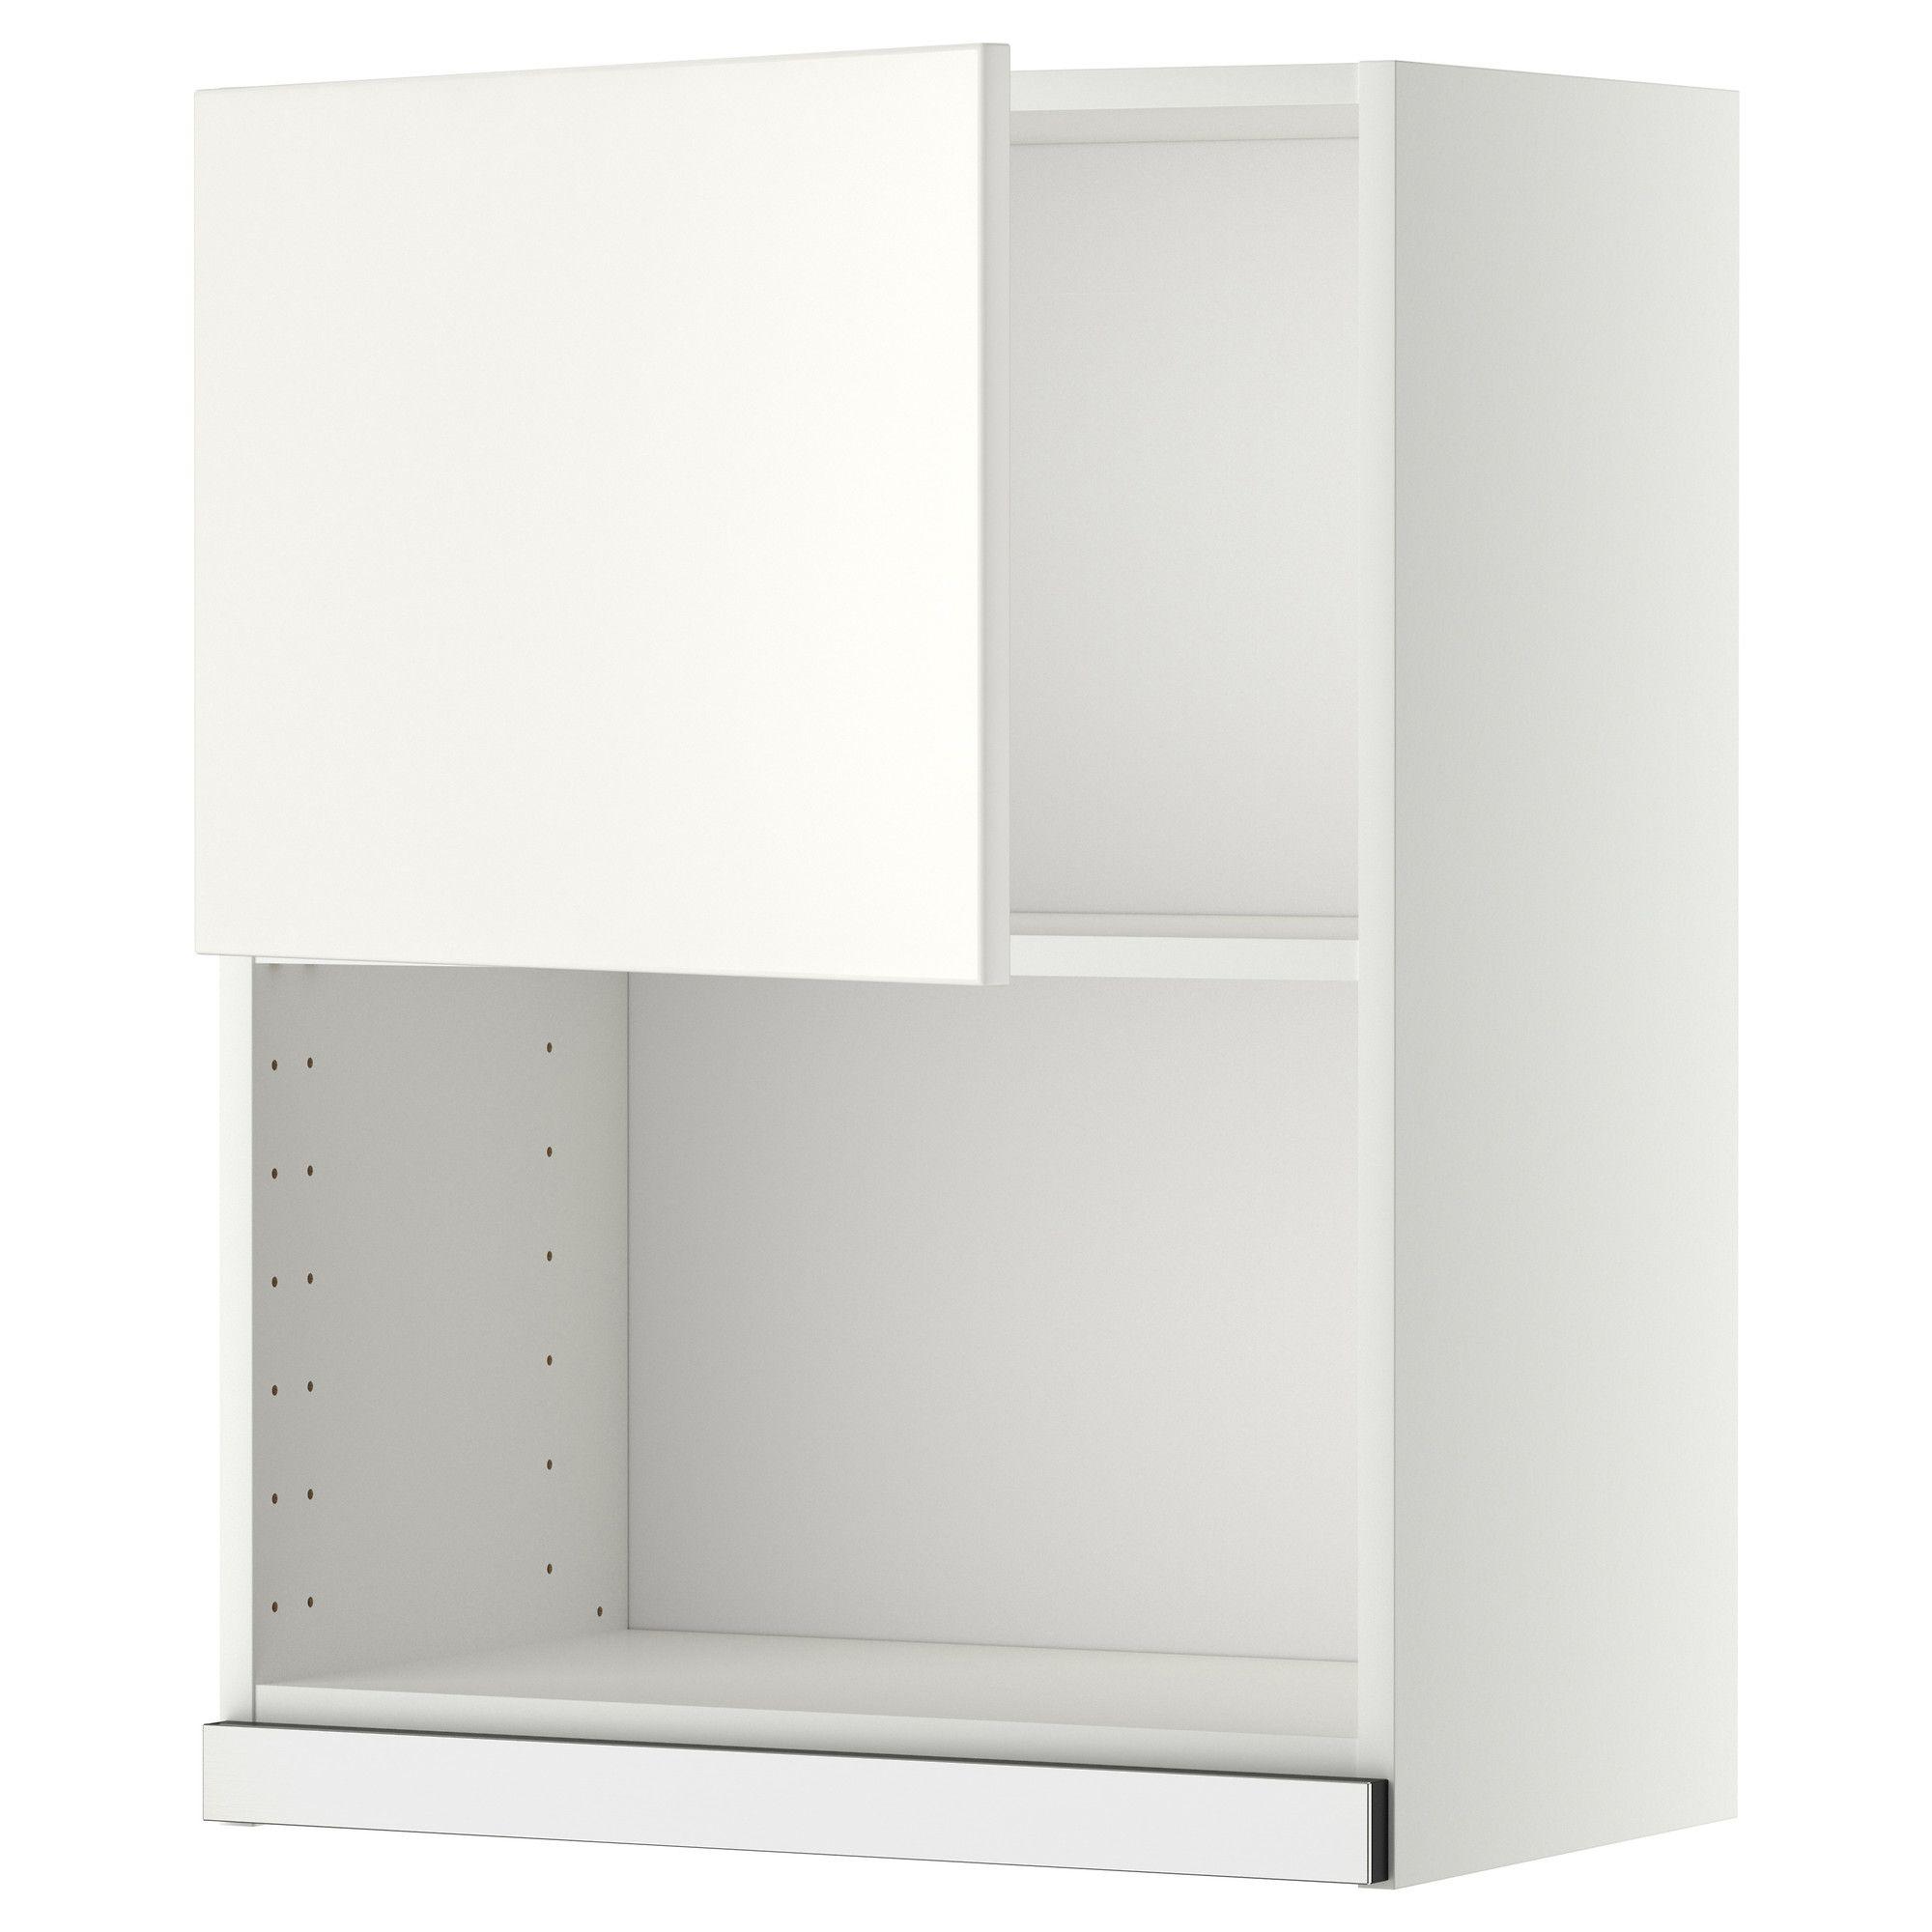 Mobilier et Décoration - Intérieur et Extérieur  Meuble micro